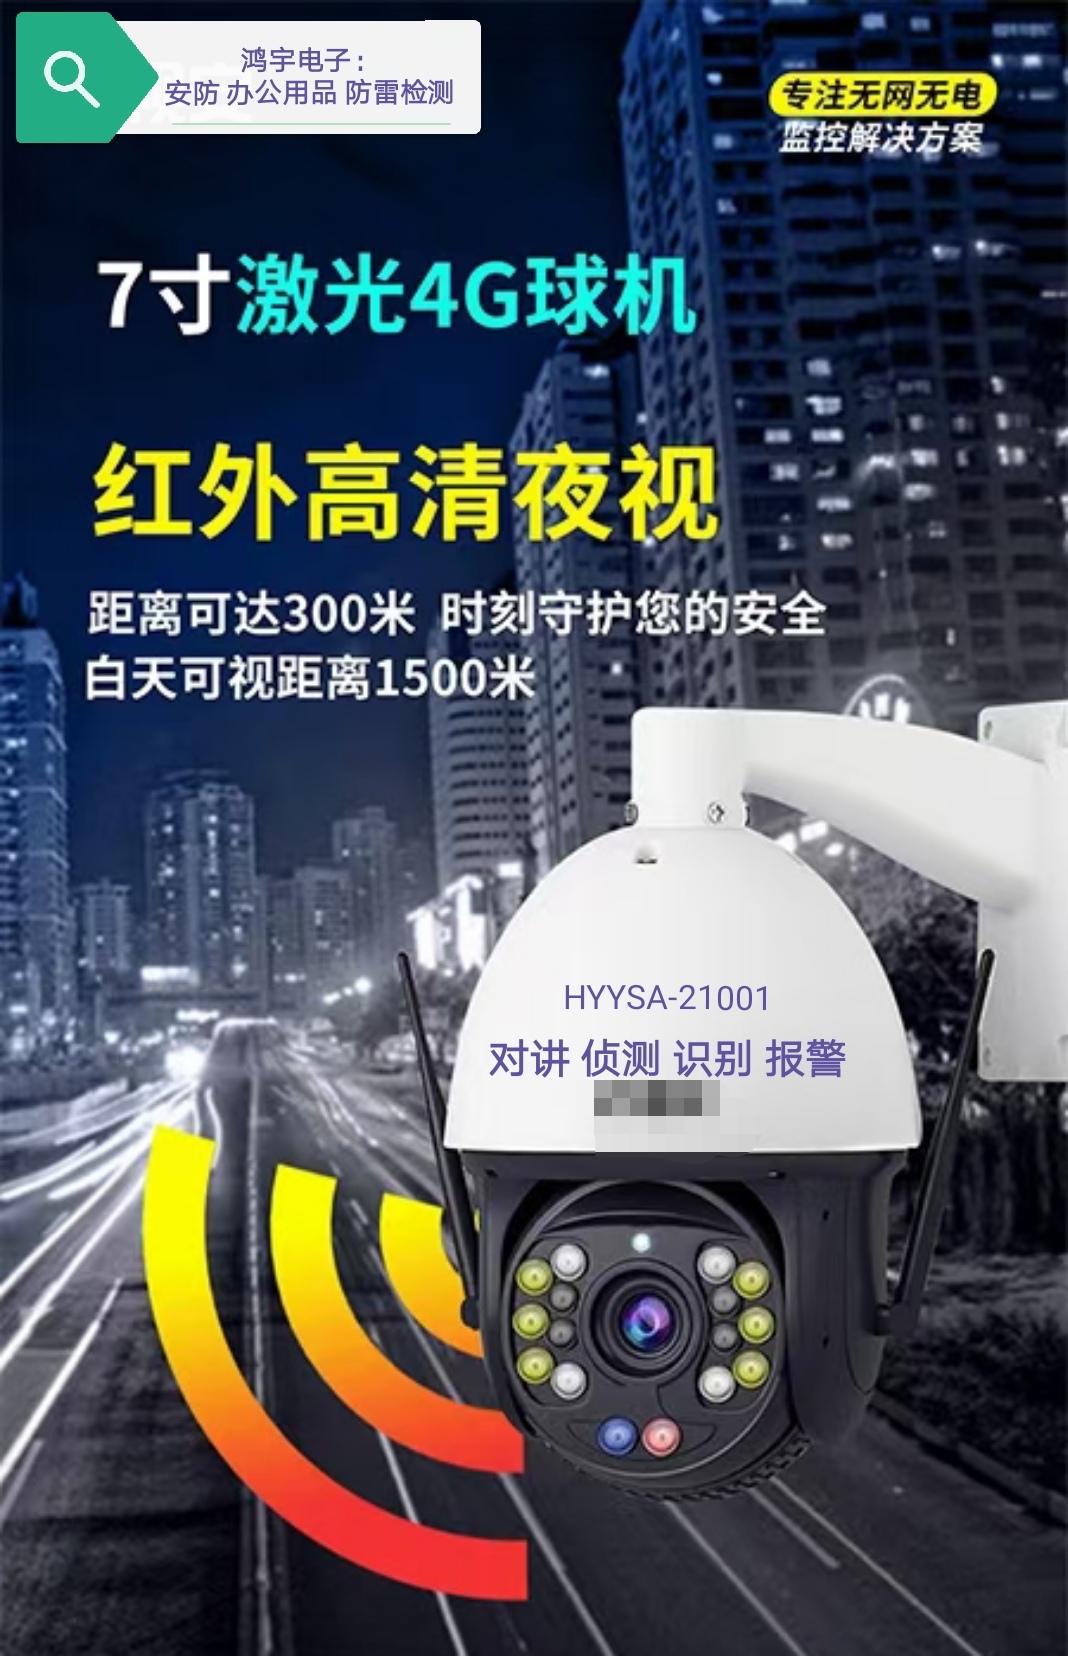 鸿宇电子7寸激光4G球机HYYSA-21001